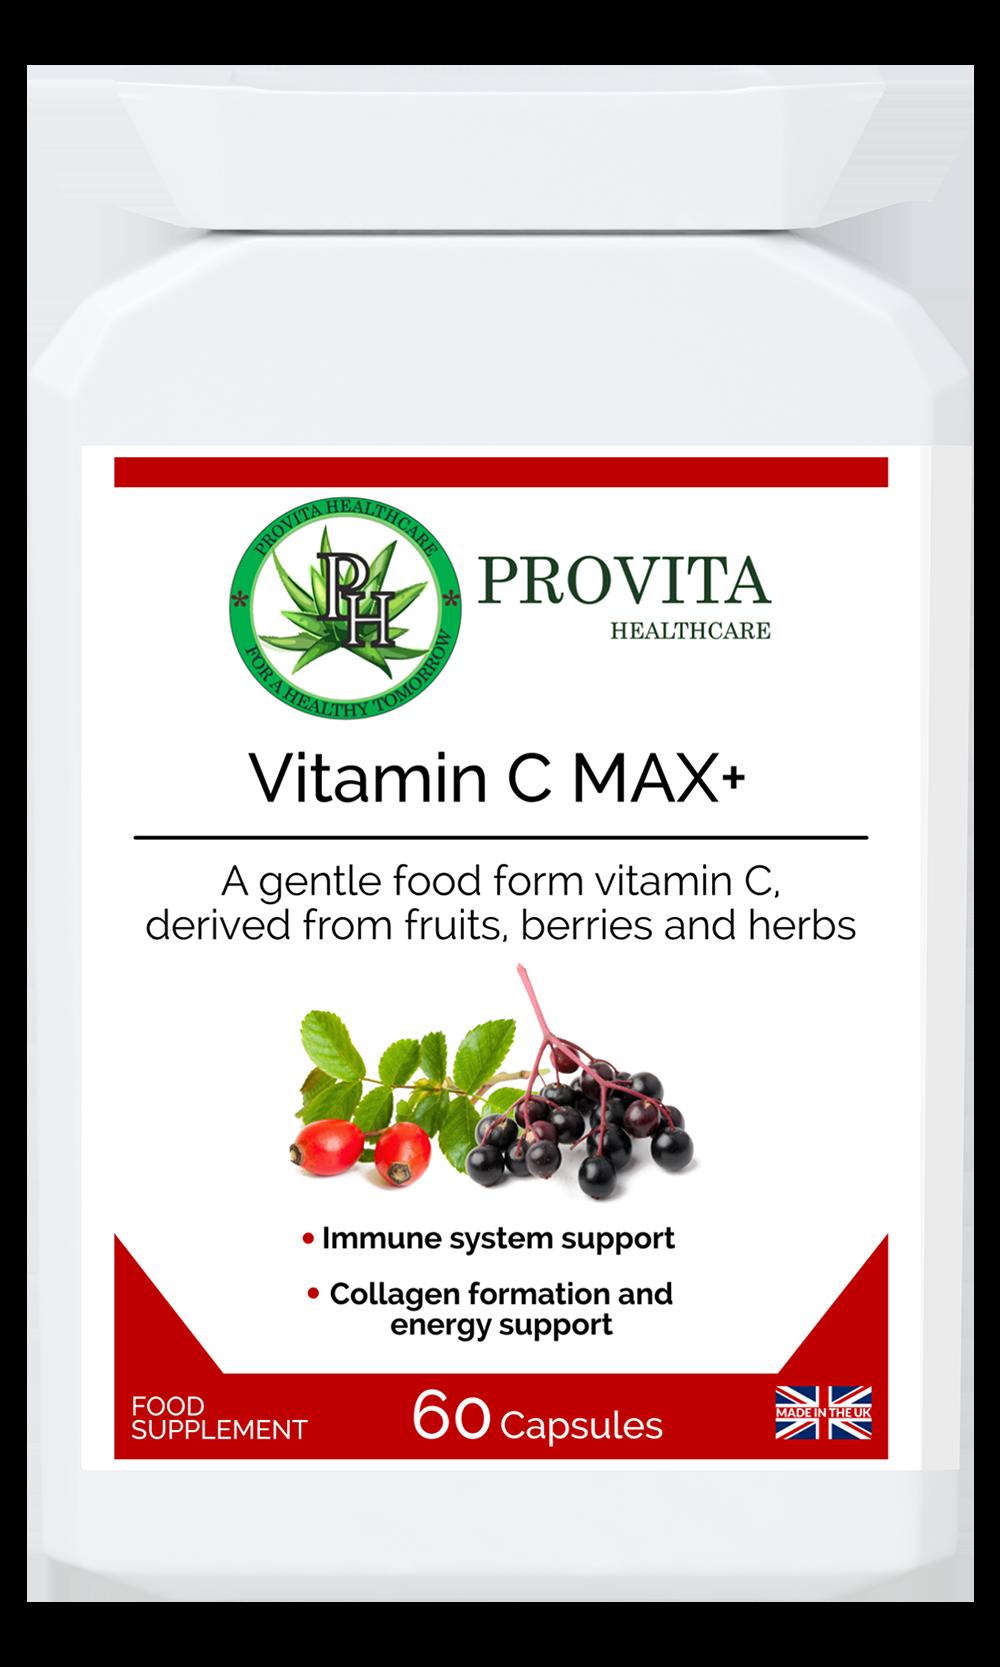 Vitamin C MAX+